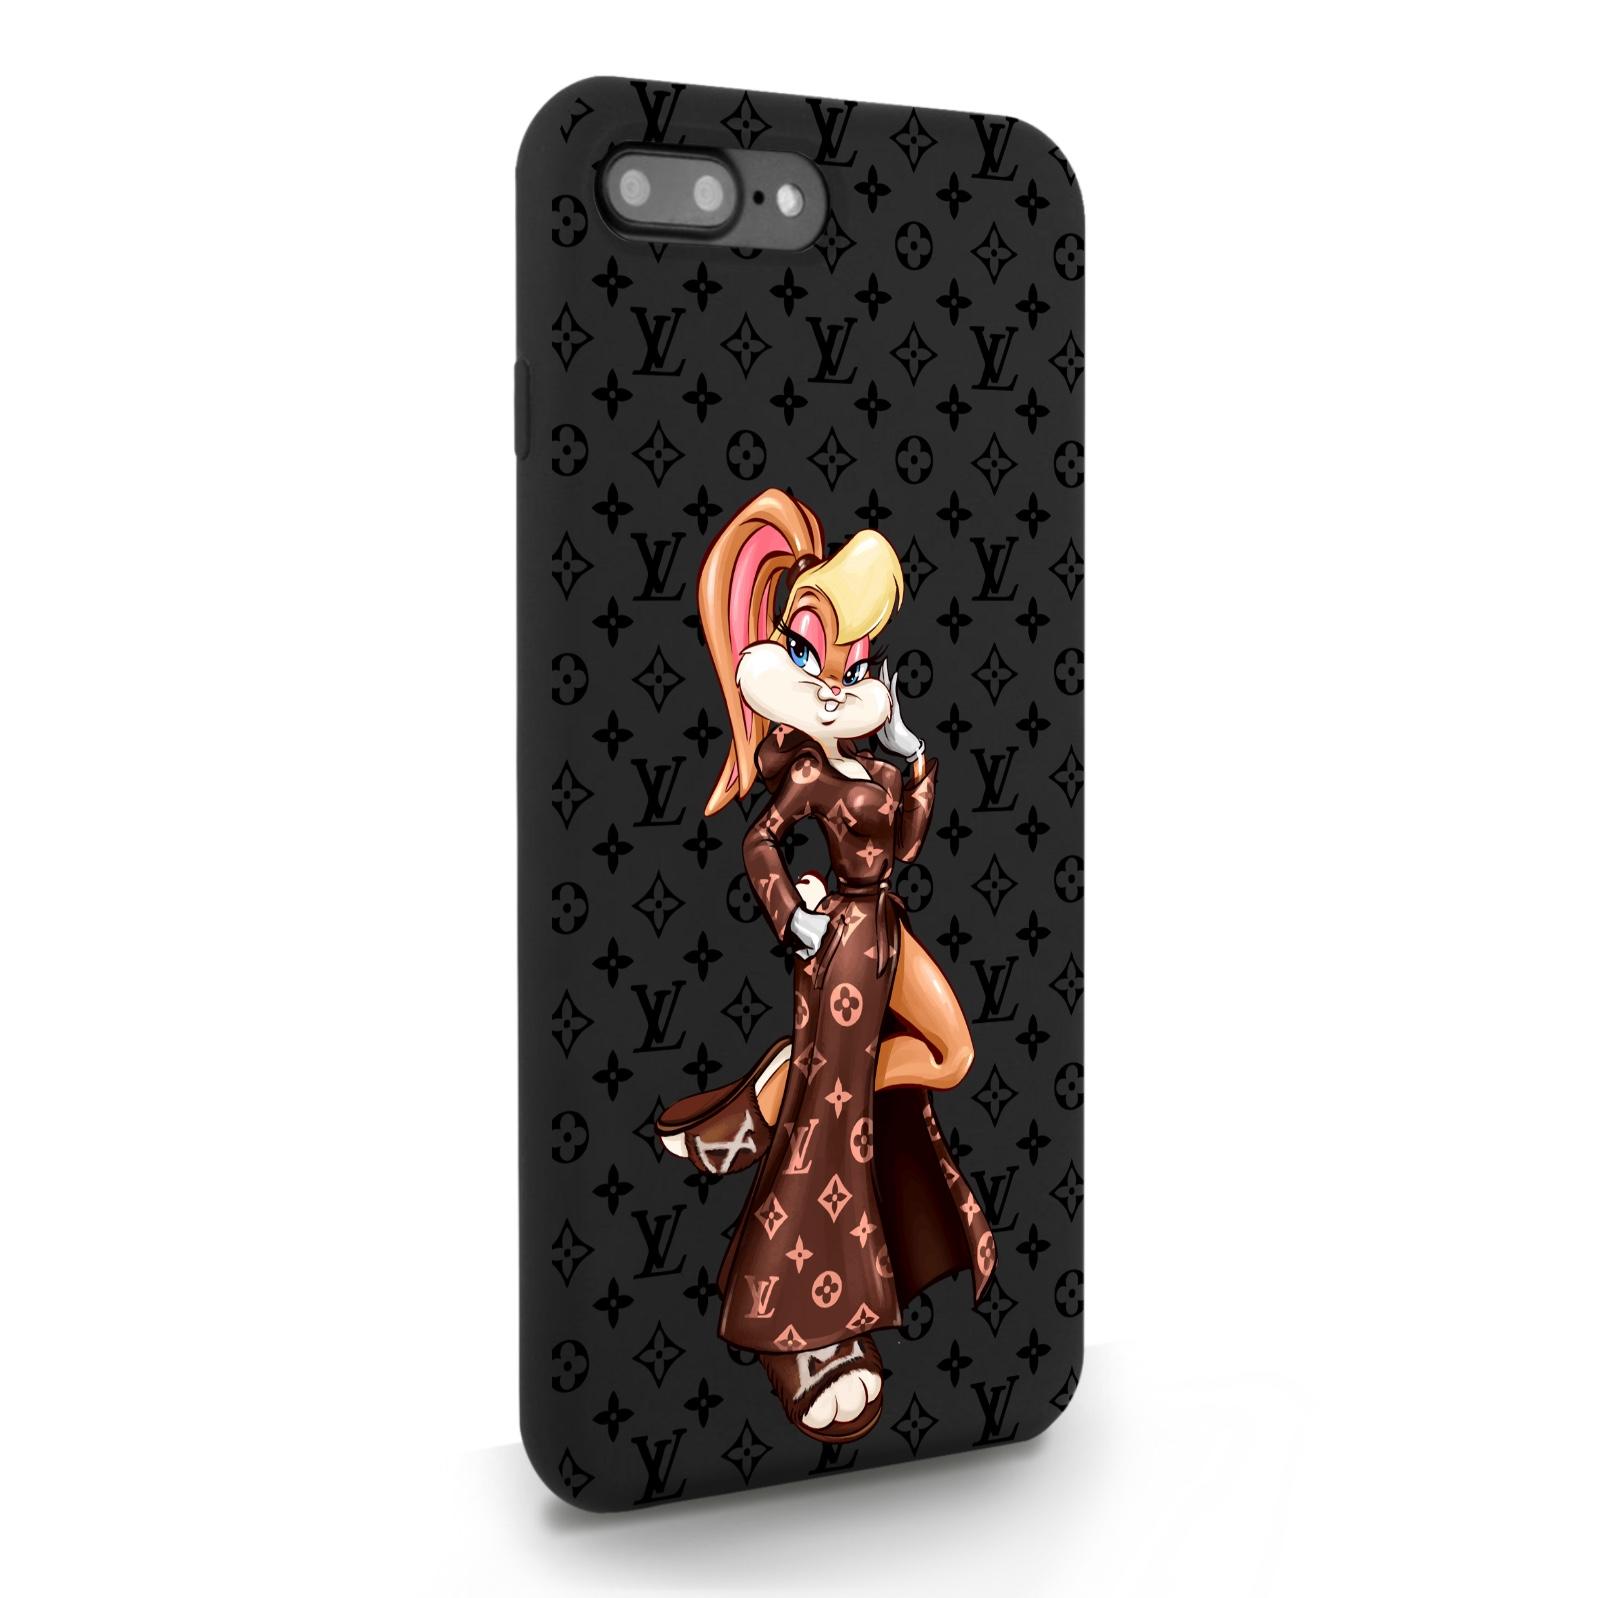 Черный силиконовый чехол для iPhone 7/8 Plus Миссис Богатая Зайка Релакс LV/ Mrs. Rich Bunny Relax LV для Айфон 7/8 Плюс